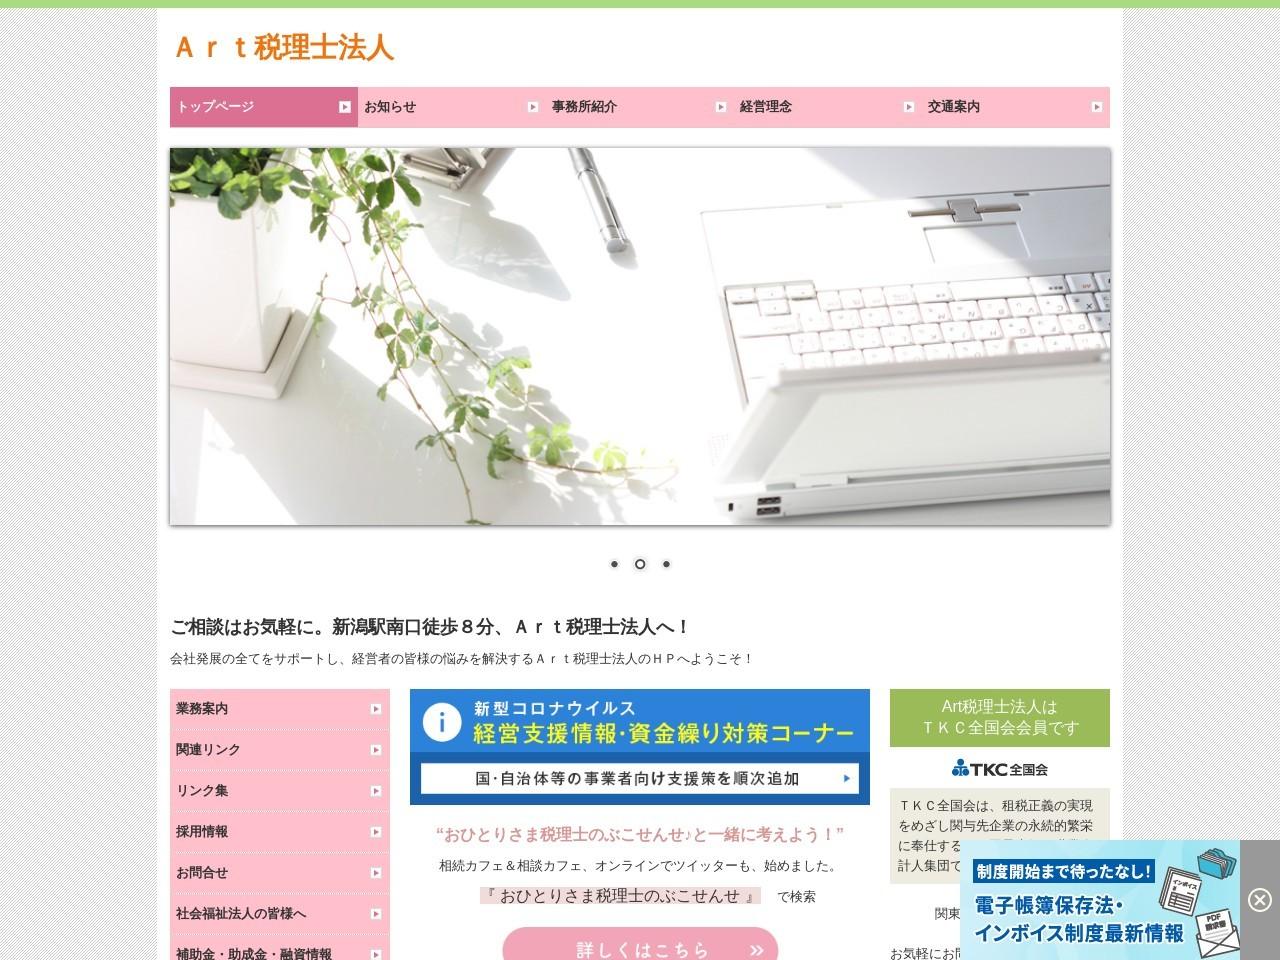 Art(税理士法人)